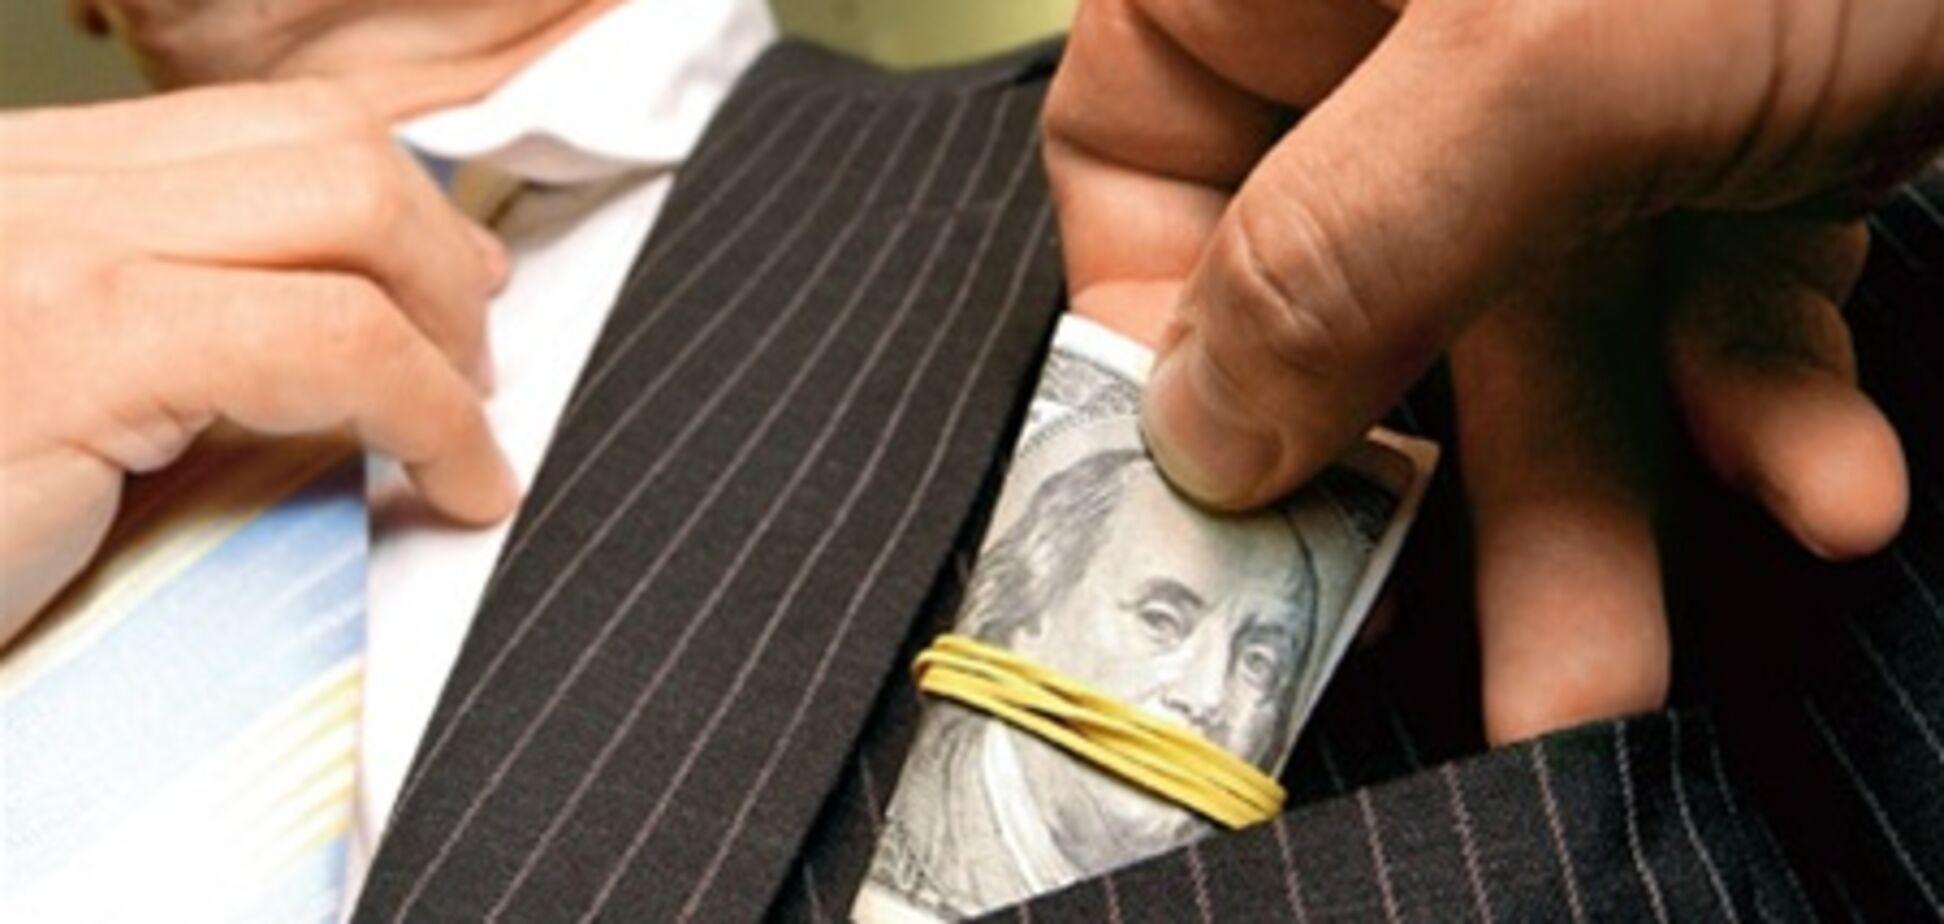 У Пшонки назвали самые коррумпированные регионы Украины